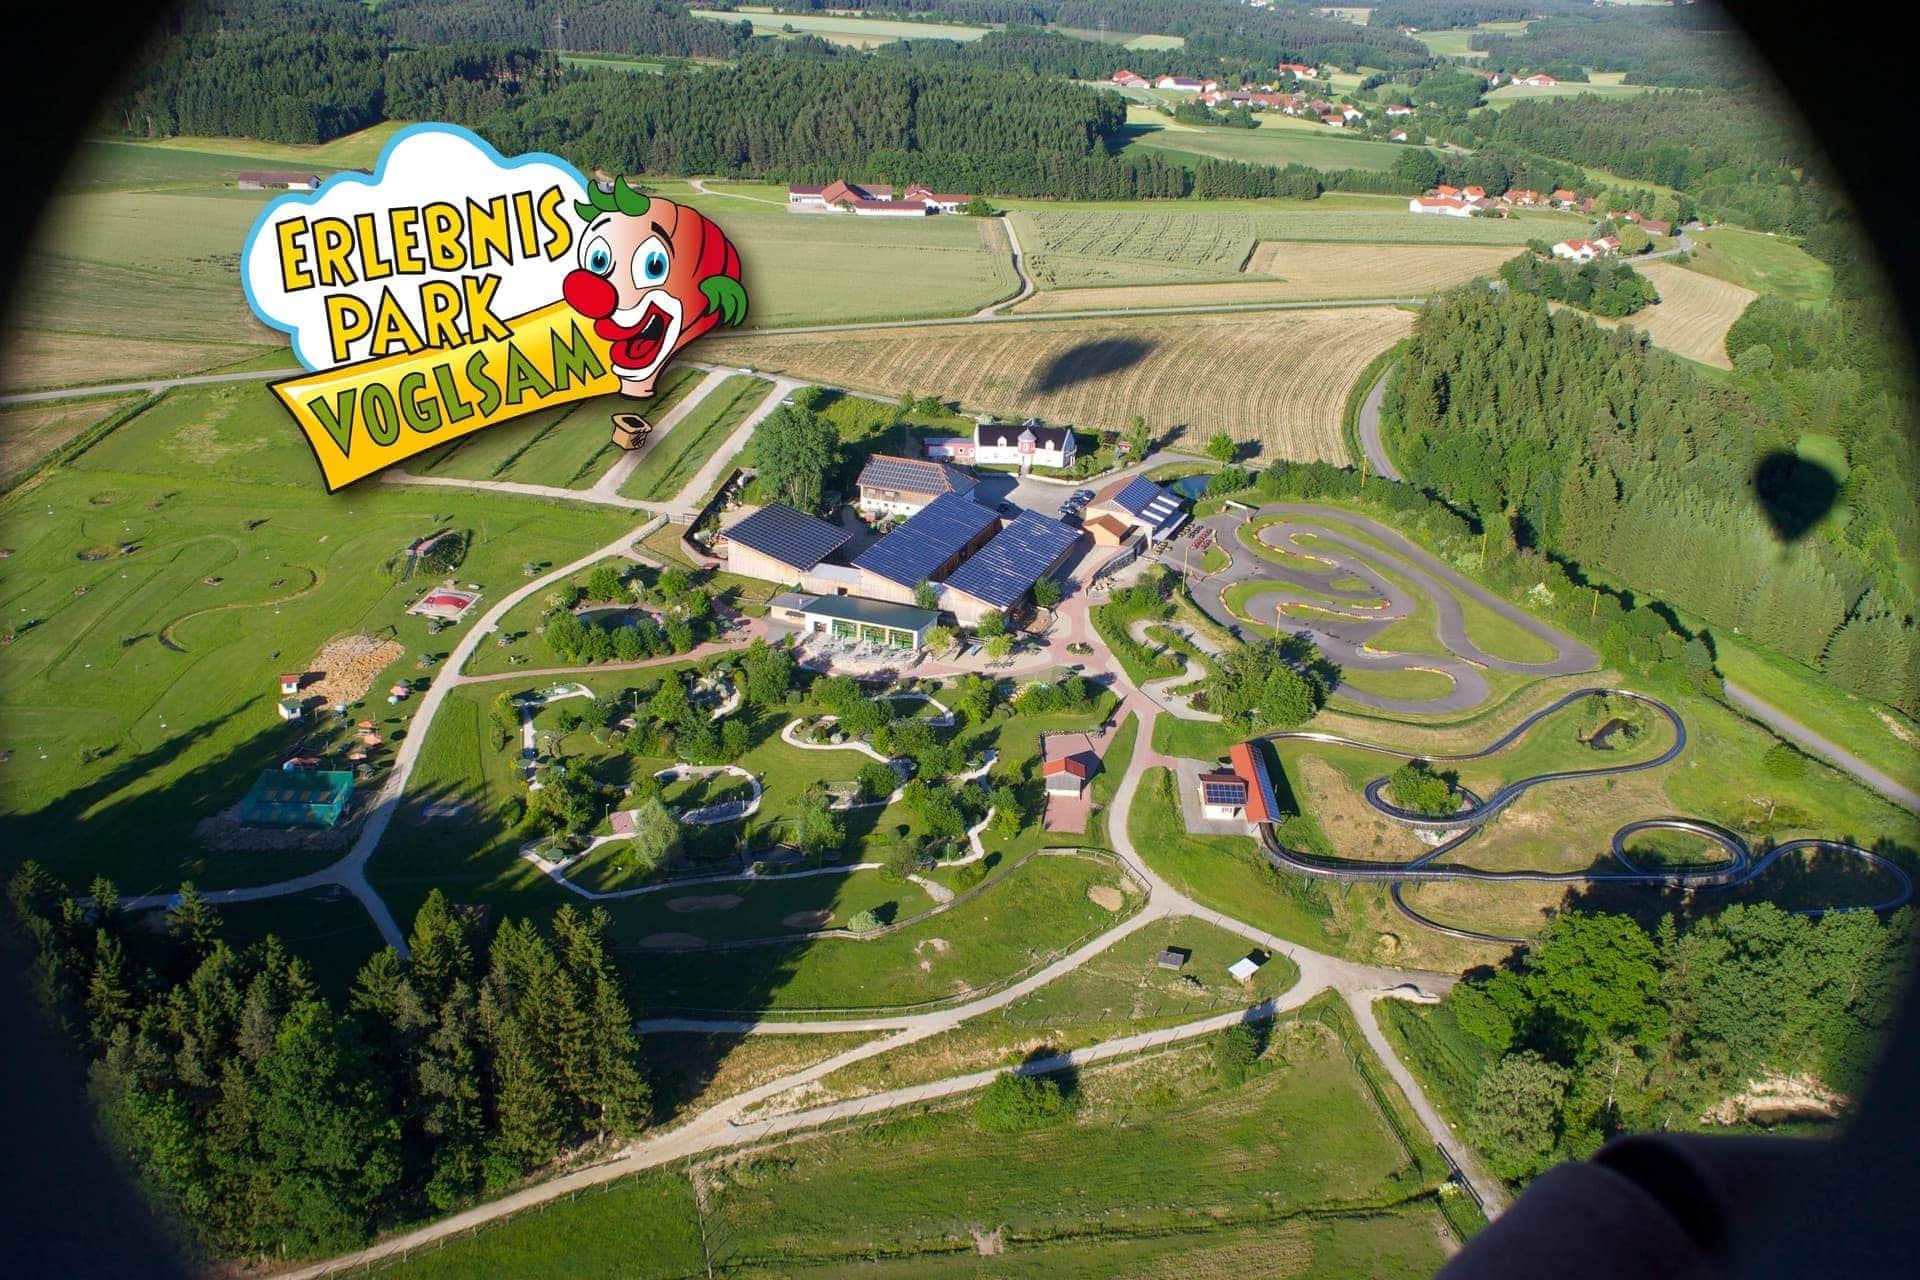 Jede Menge Spaß bei freiem Eintritt Erlebnispark Voglsam bei Schönau